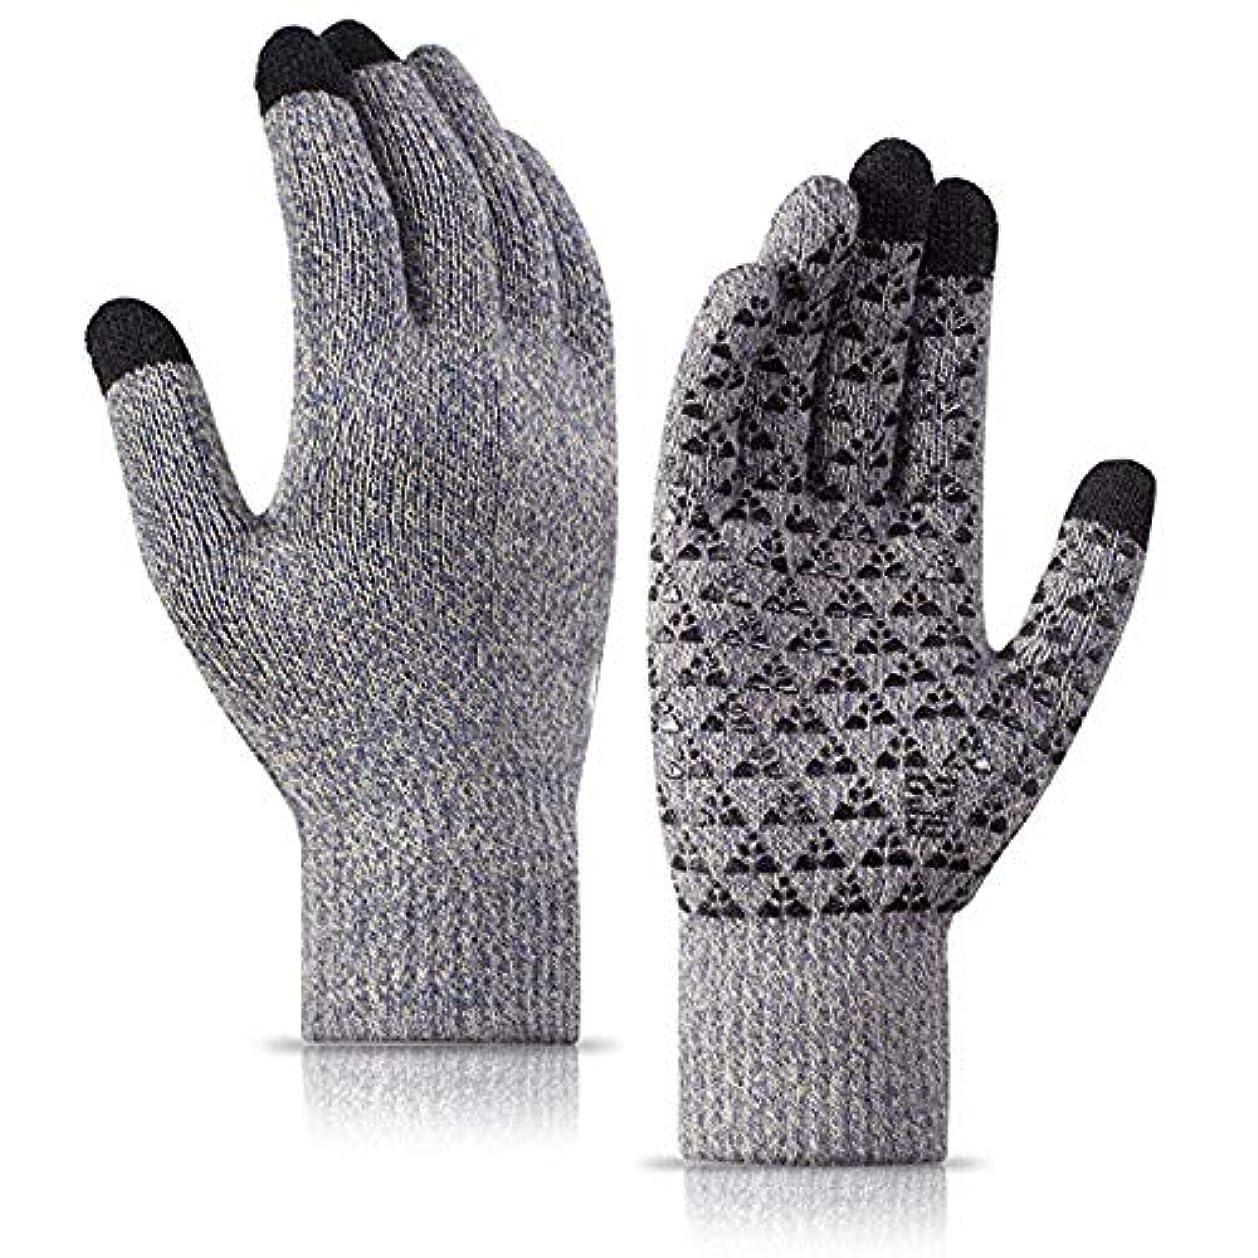 告発者有名空港男性と女性のための冬の手袋 - ニットタッチスクリーンアンチスリップシリコーンゲル - 弾性カフ?? - サーマルソフトウールライニング - 伸縮性のある素材,グレー